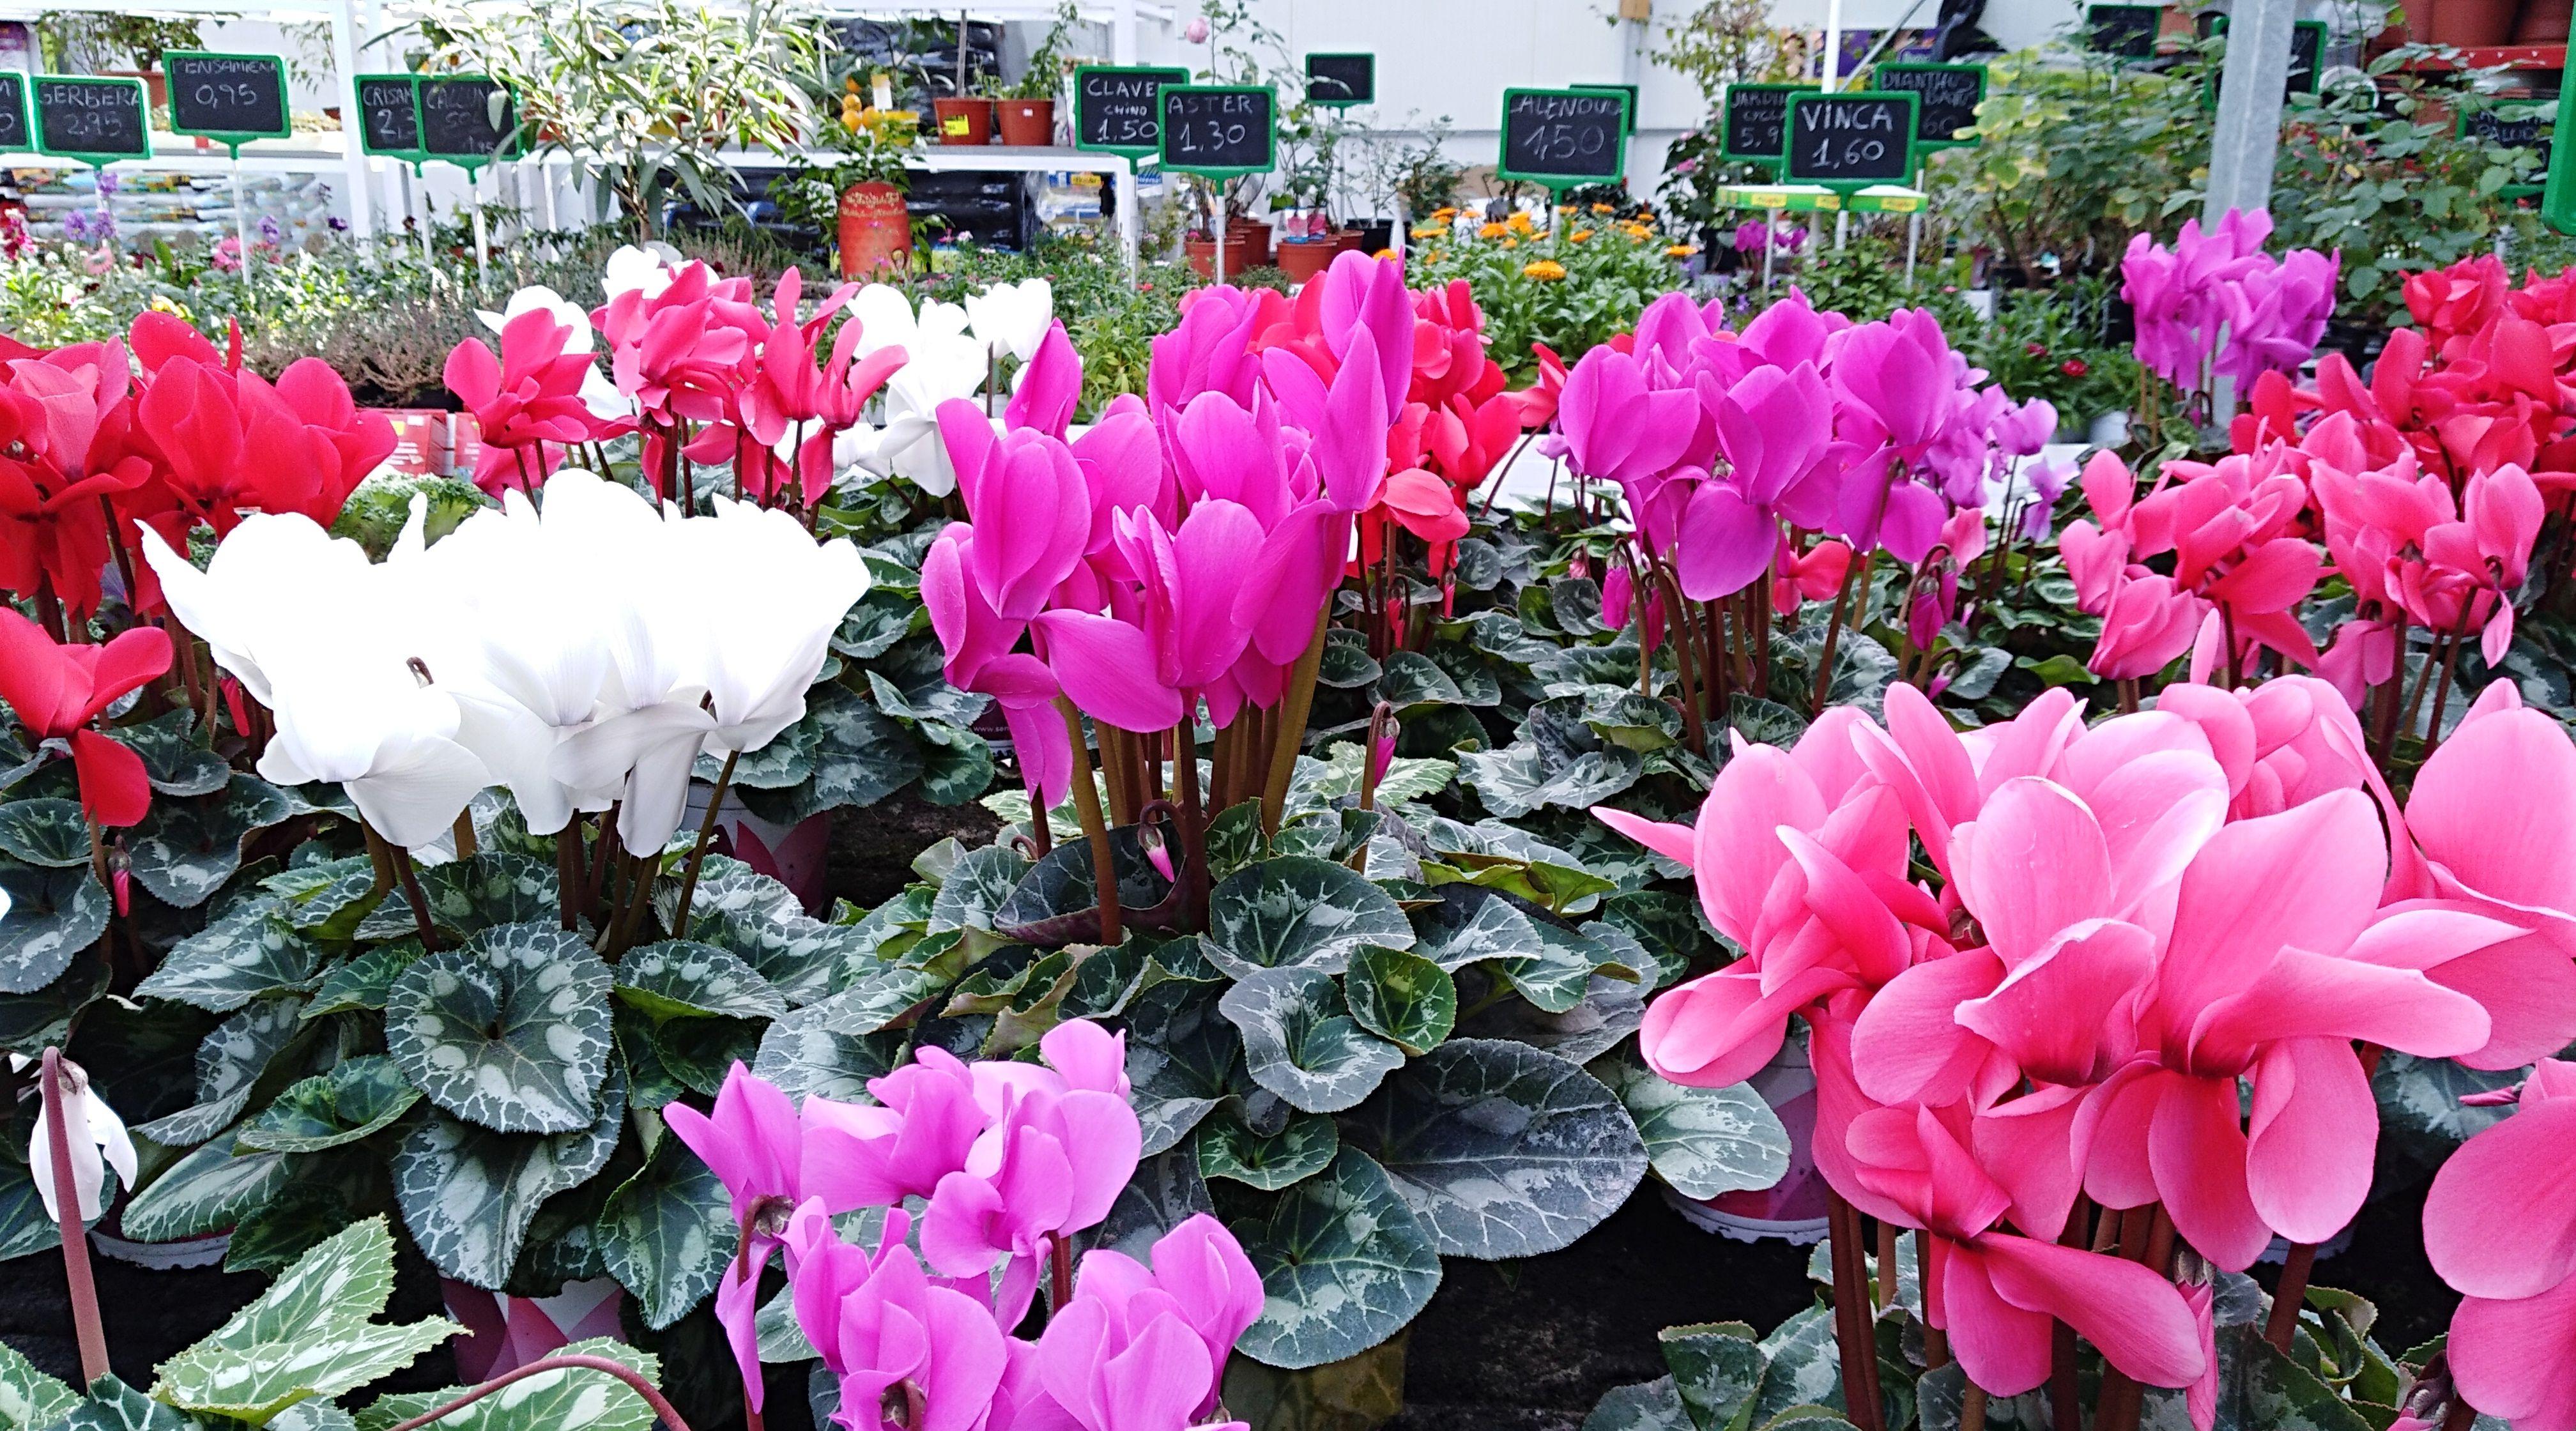 Centro de jardinería en Sangunto